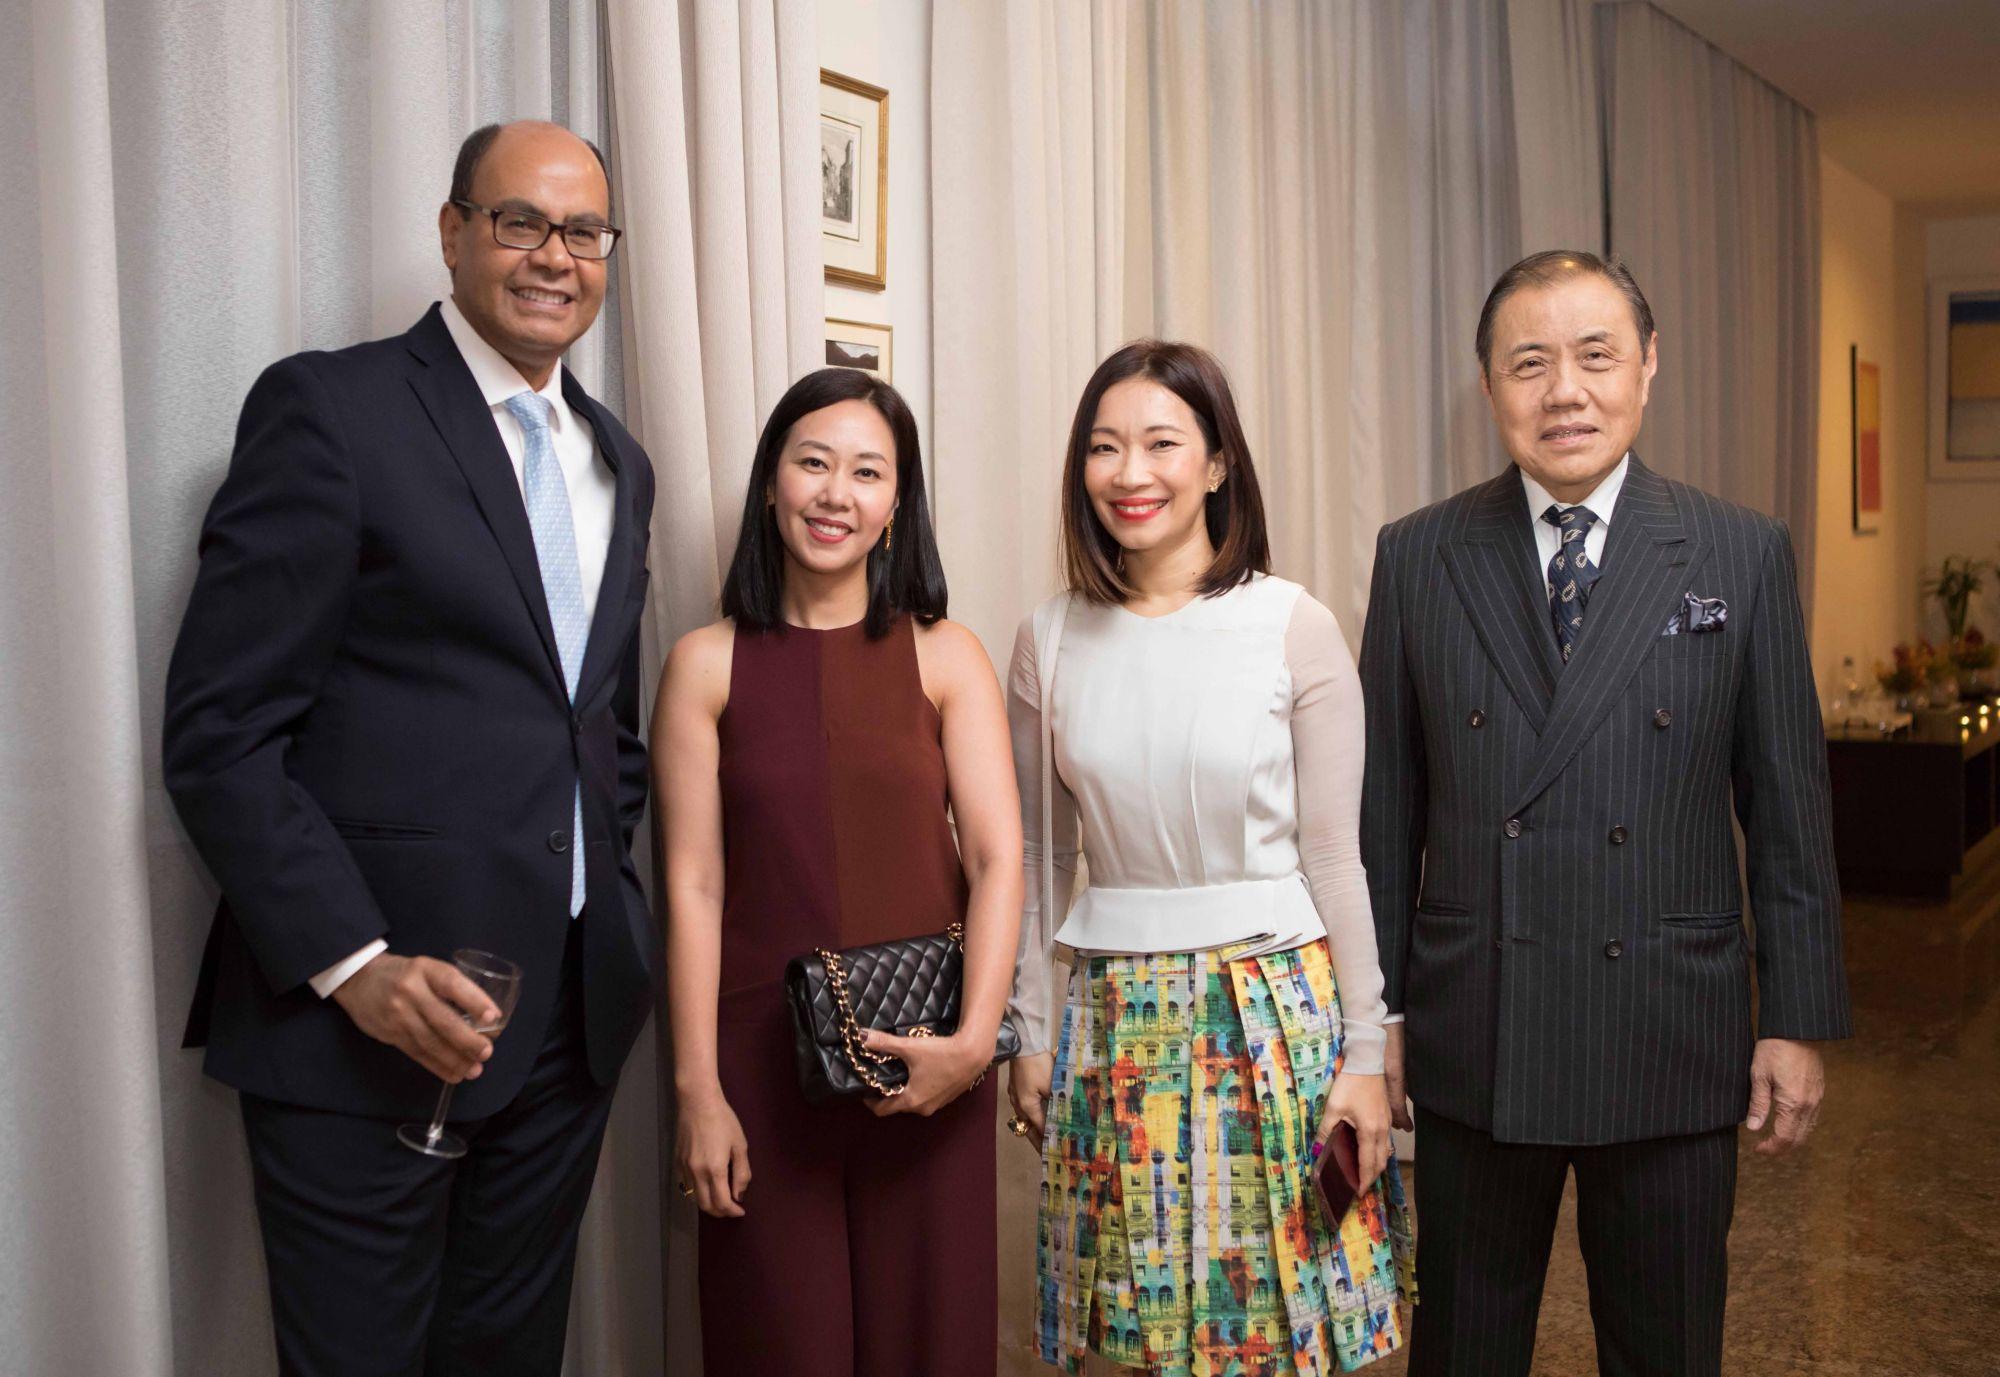 H.E. Flávio S. Damico, Kissa Castañeda, Corinne Ng, Tan Puay Hiang